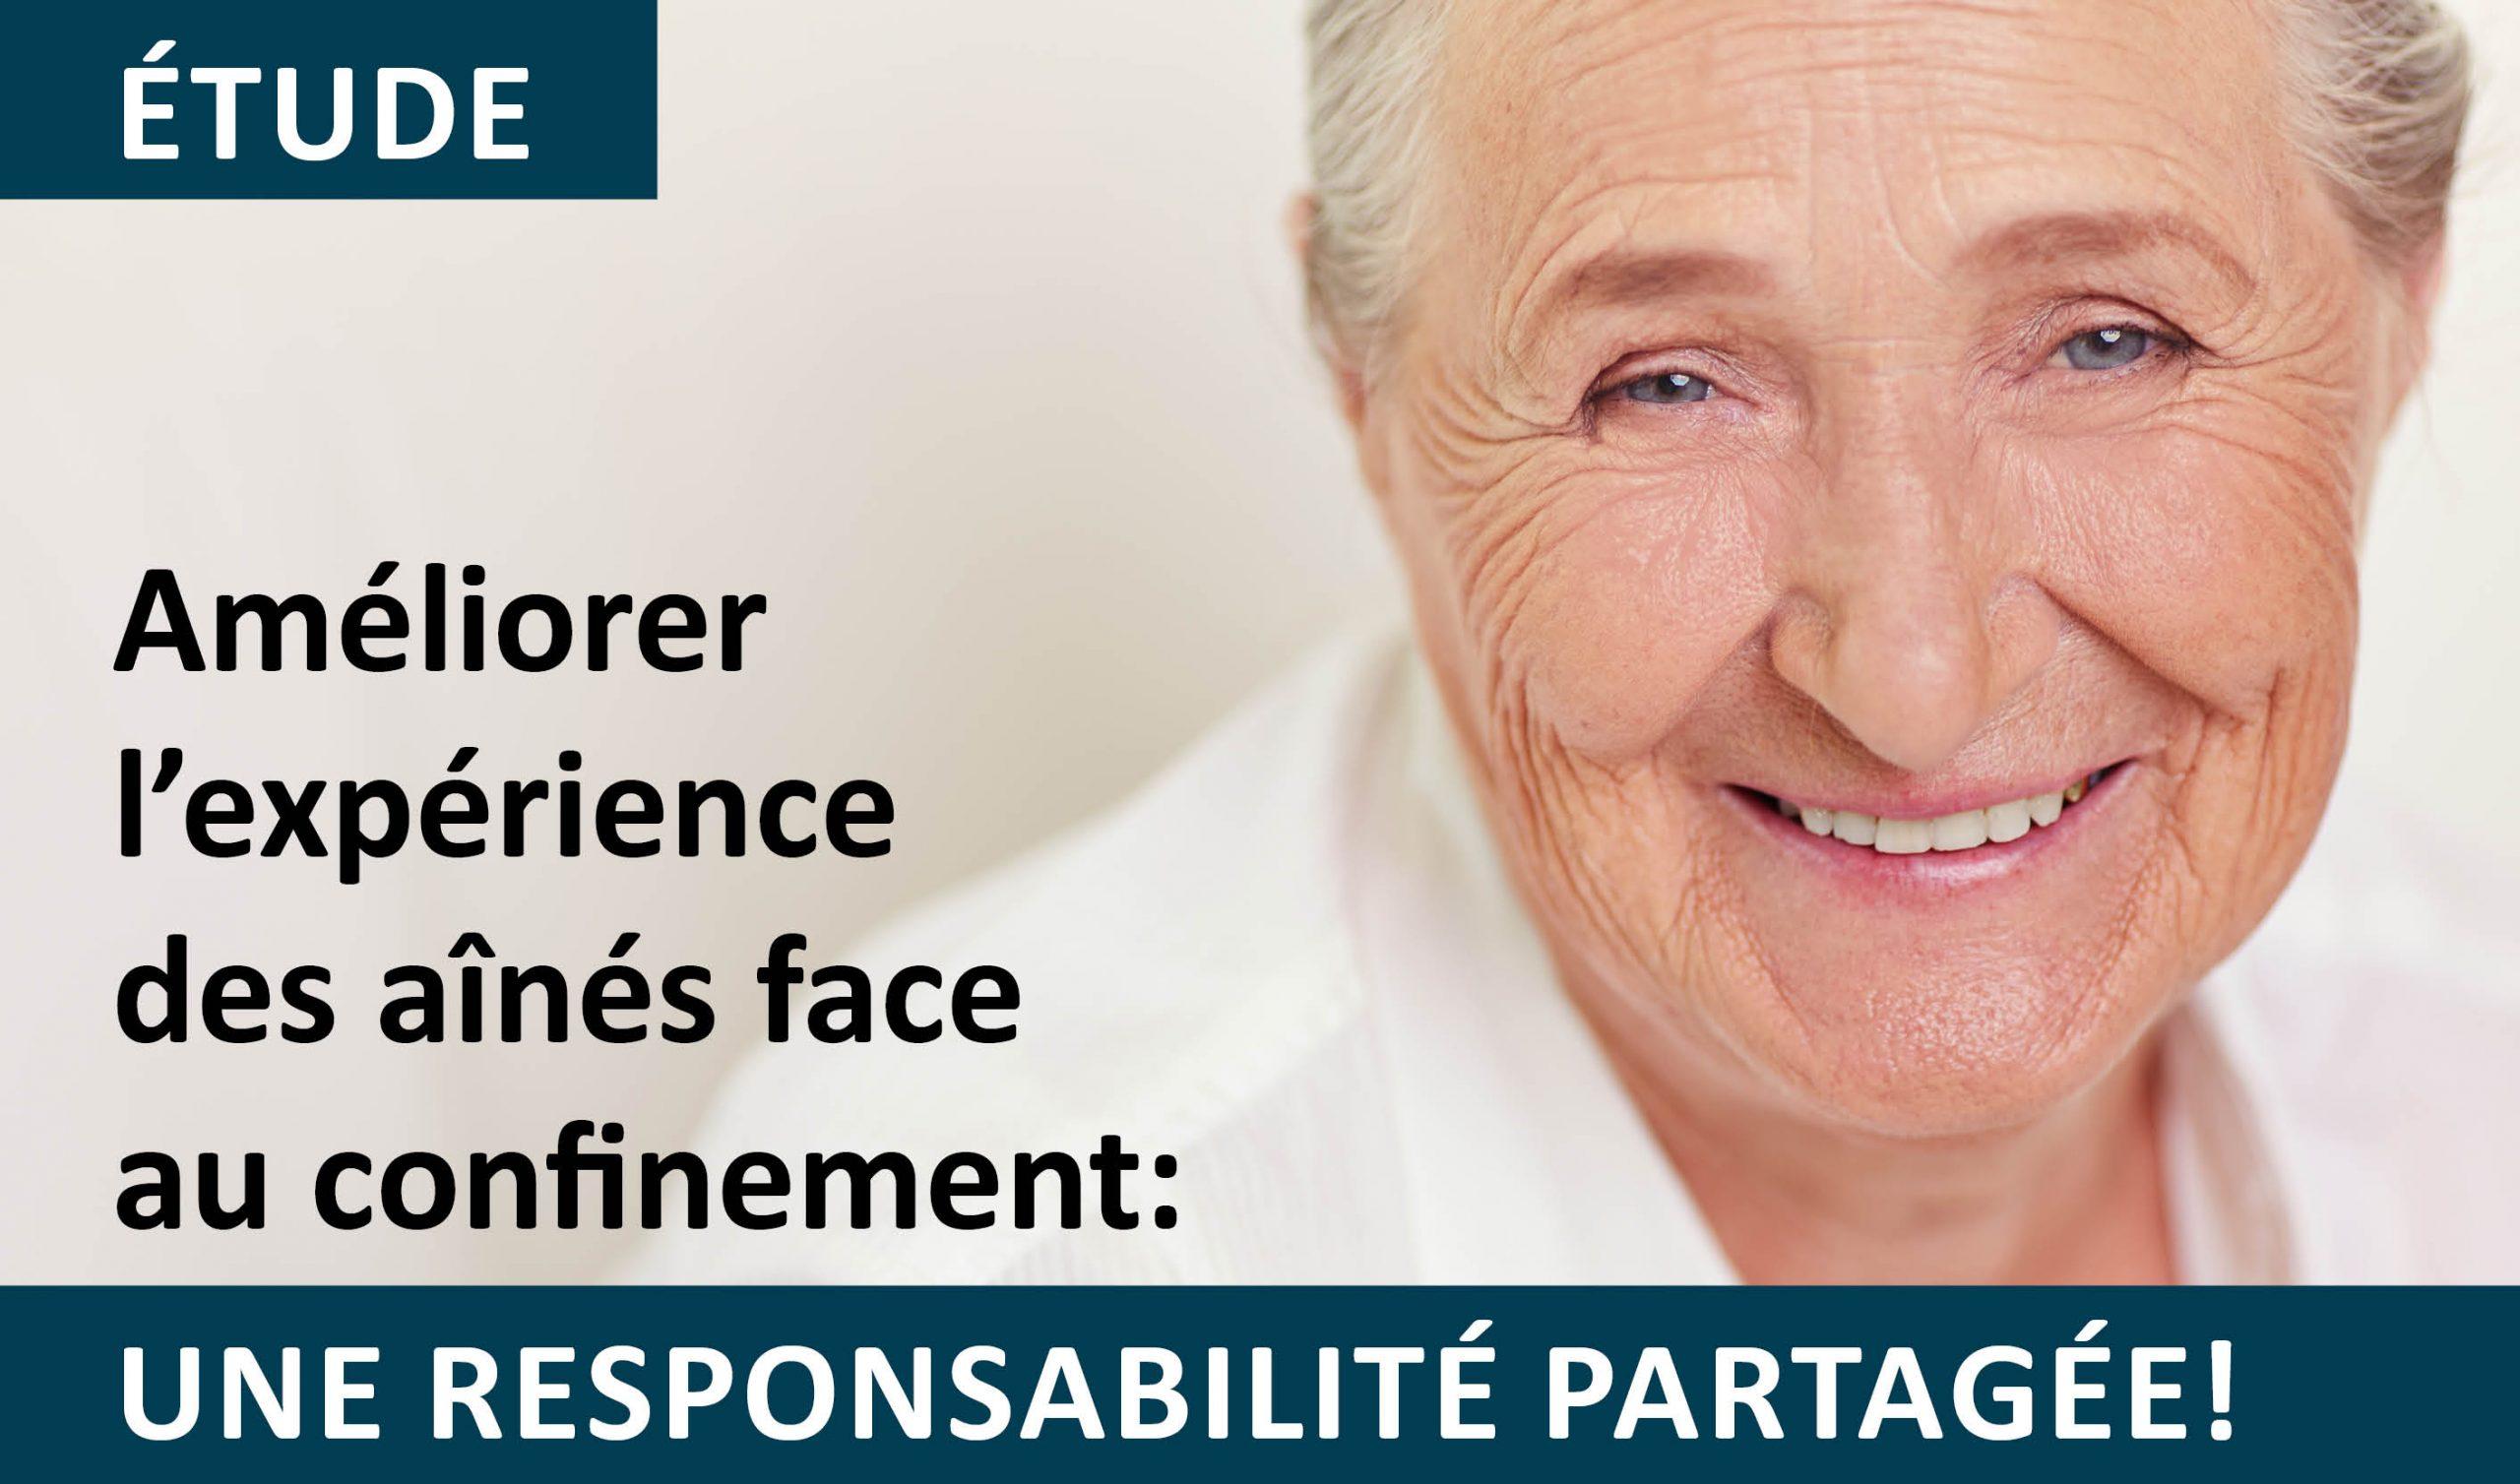 Améliorer l'expérience des aînés face au confinement: une responsabilité partagée!